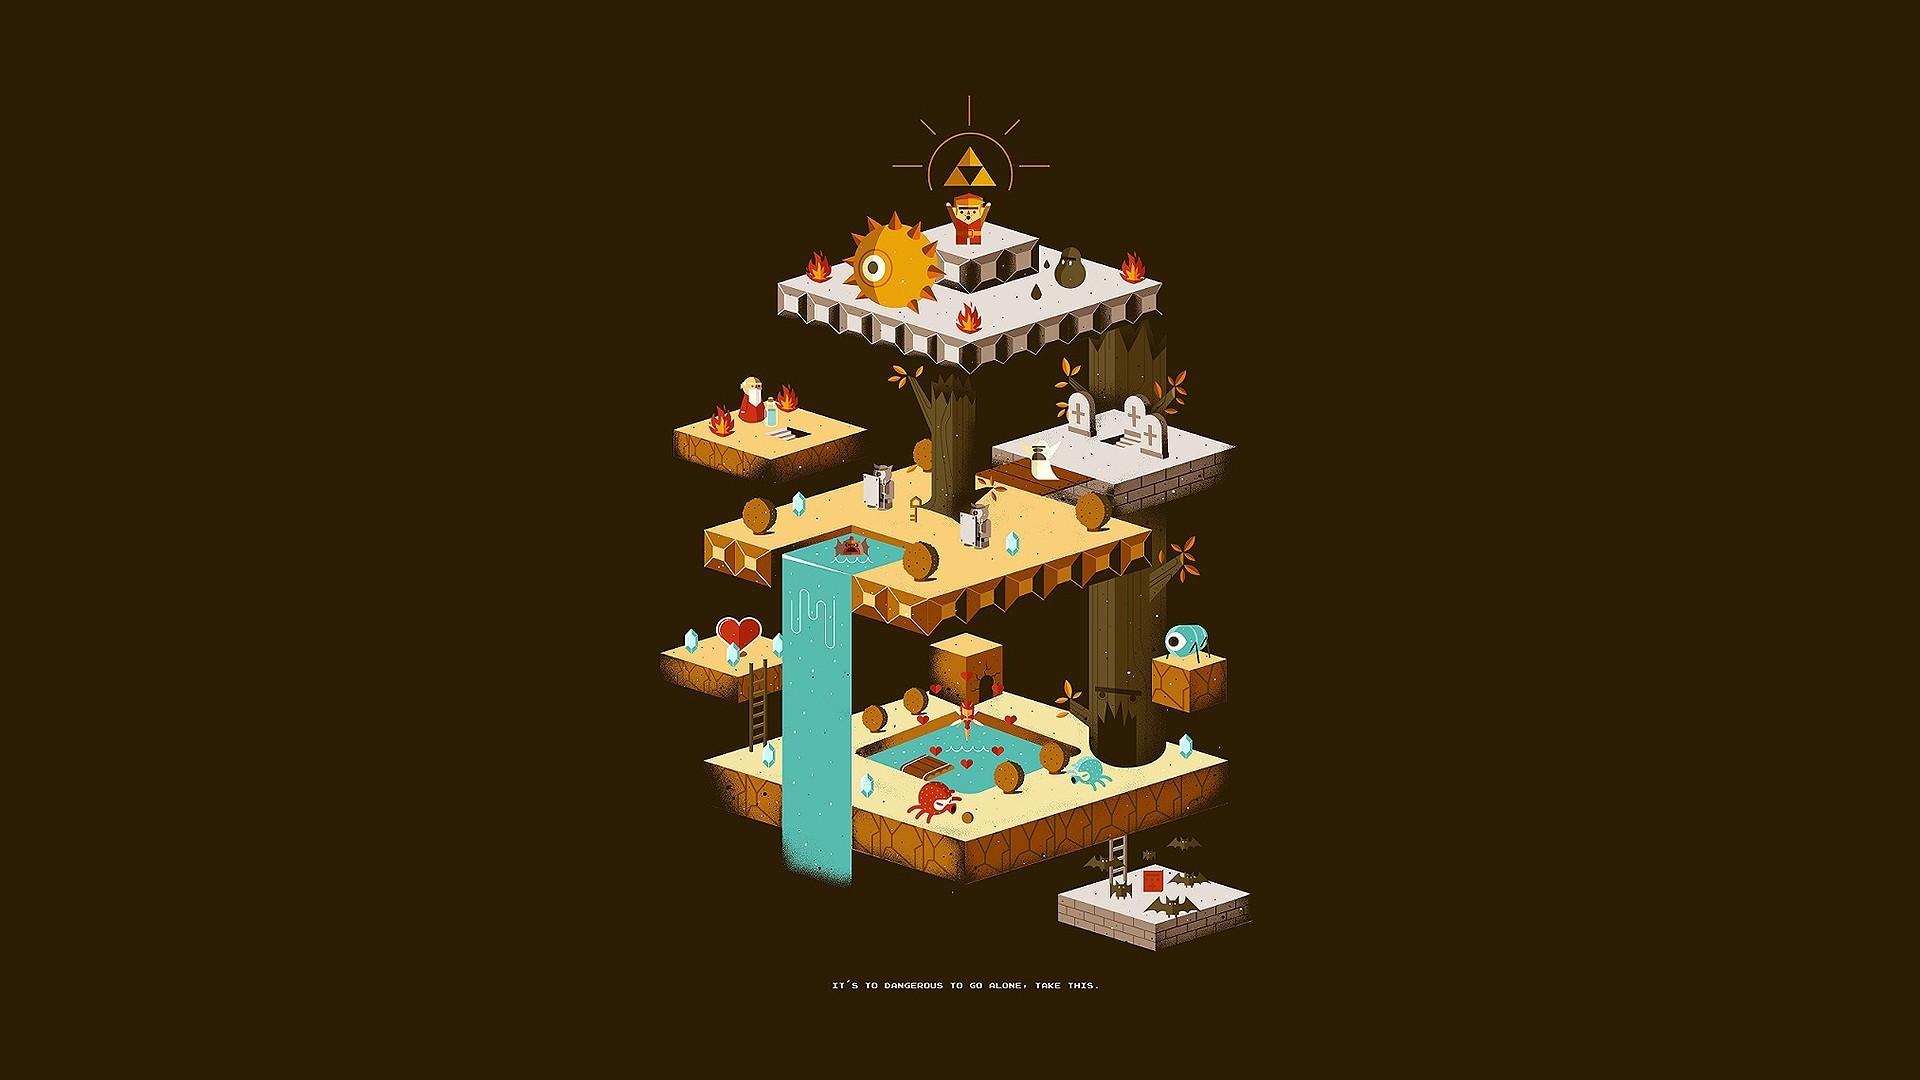 720×1280 – Video Game/The Legend Of Zelda – Wallpaper ID: 528944